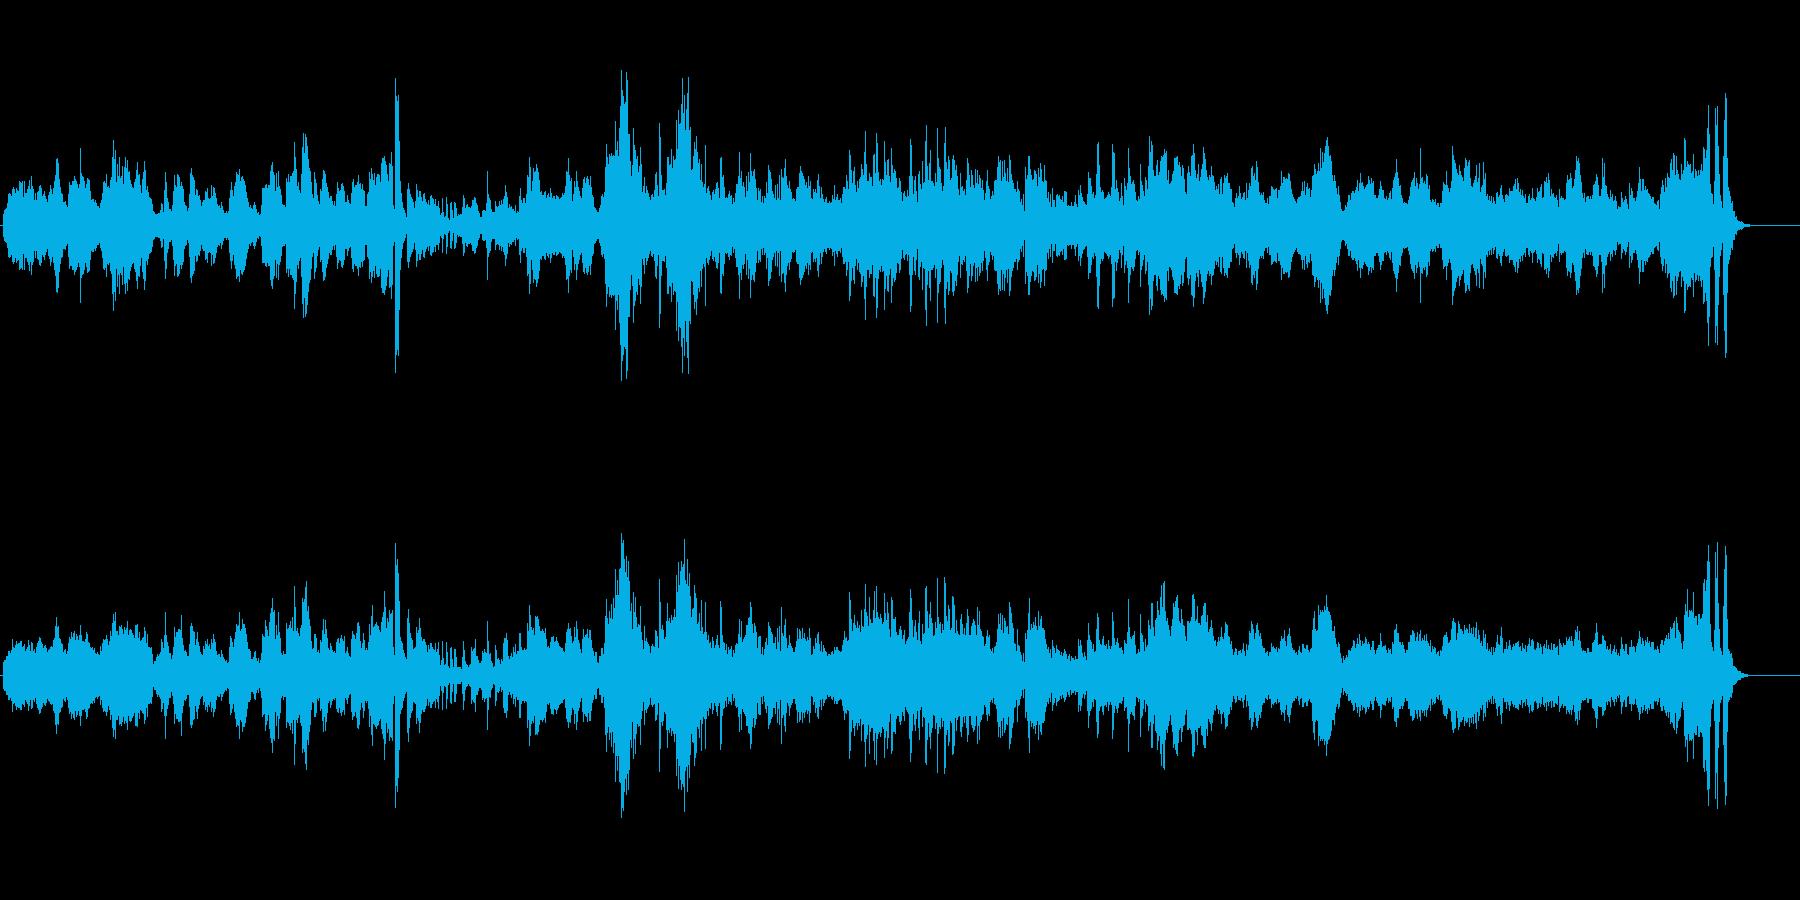 [春] ベートーベン/スプリング・ソナタの再生済みの波形